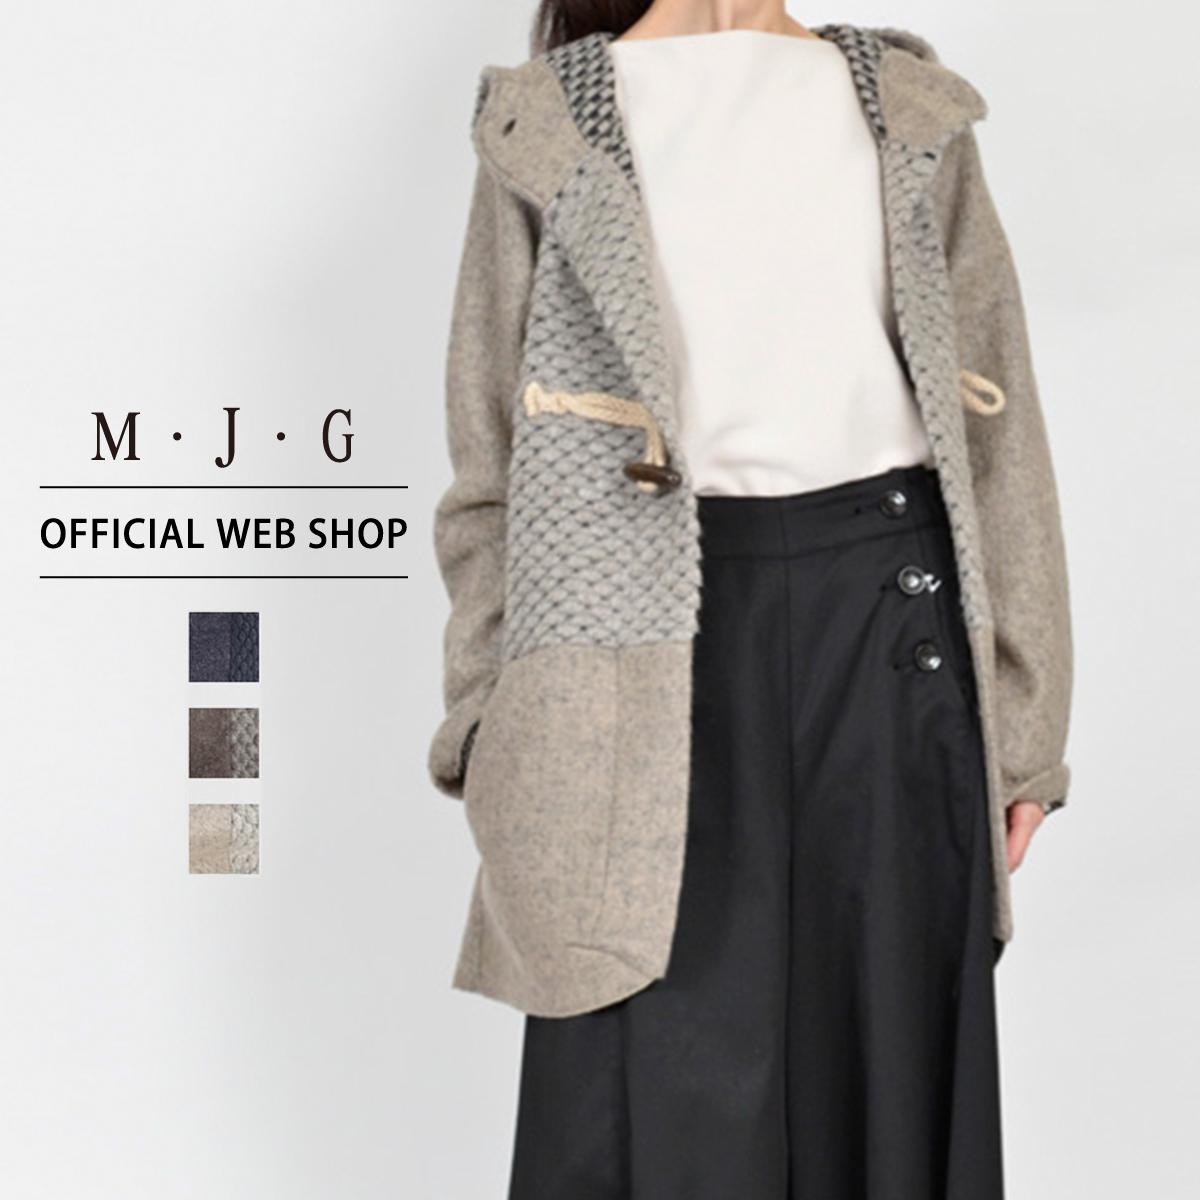 【M・J・G公式】 [SALE] エムジジェ/ダッフルはおり/レディース ネイビー ブラウン スモークベージュ アウター 上着 コート ミセス きれいめ GMT601